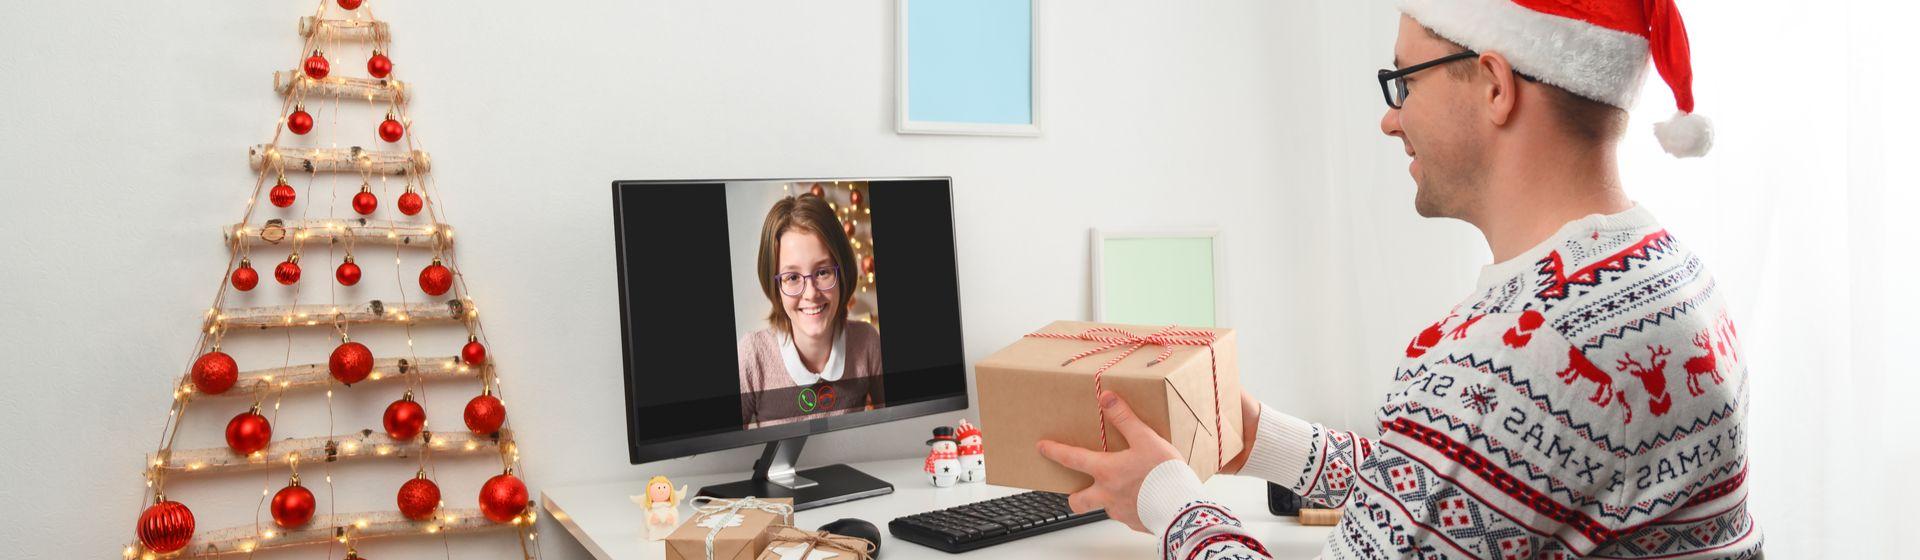 Como sortear amigo secreto online pelo computador